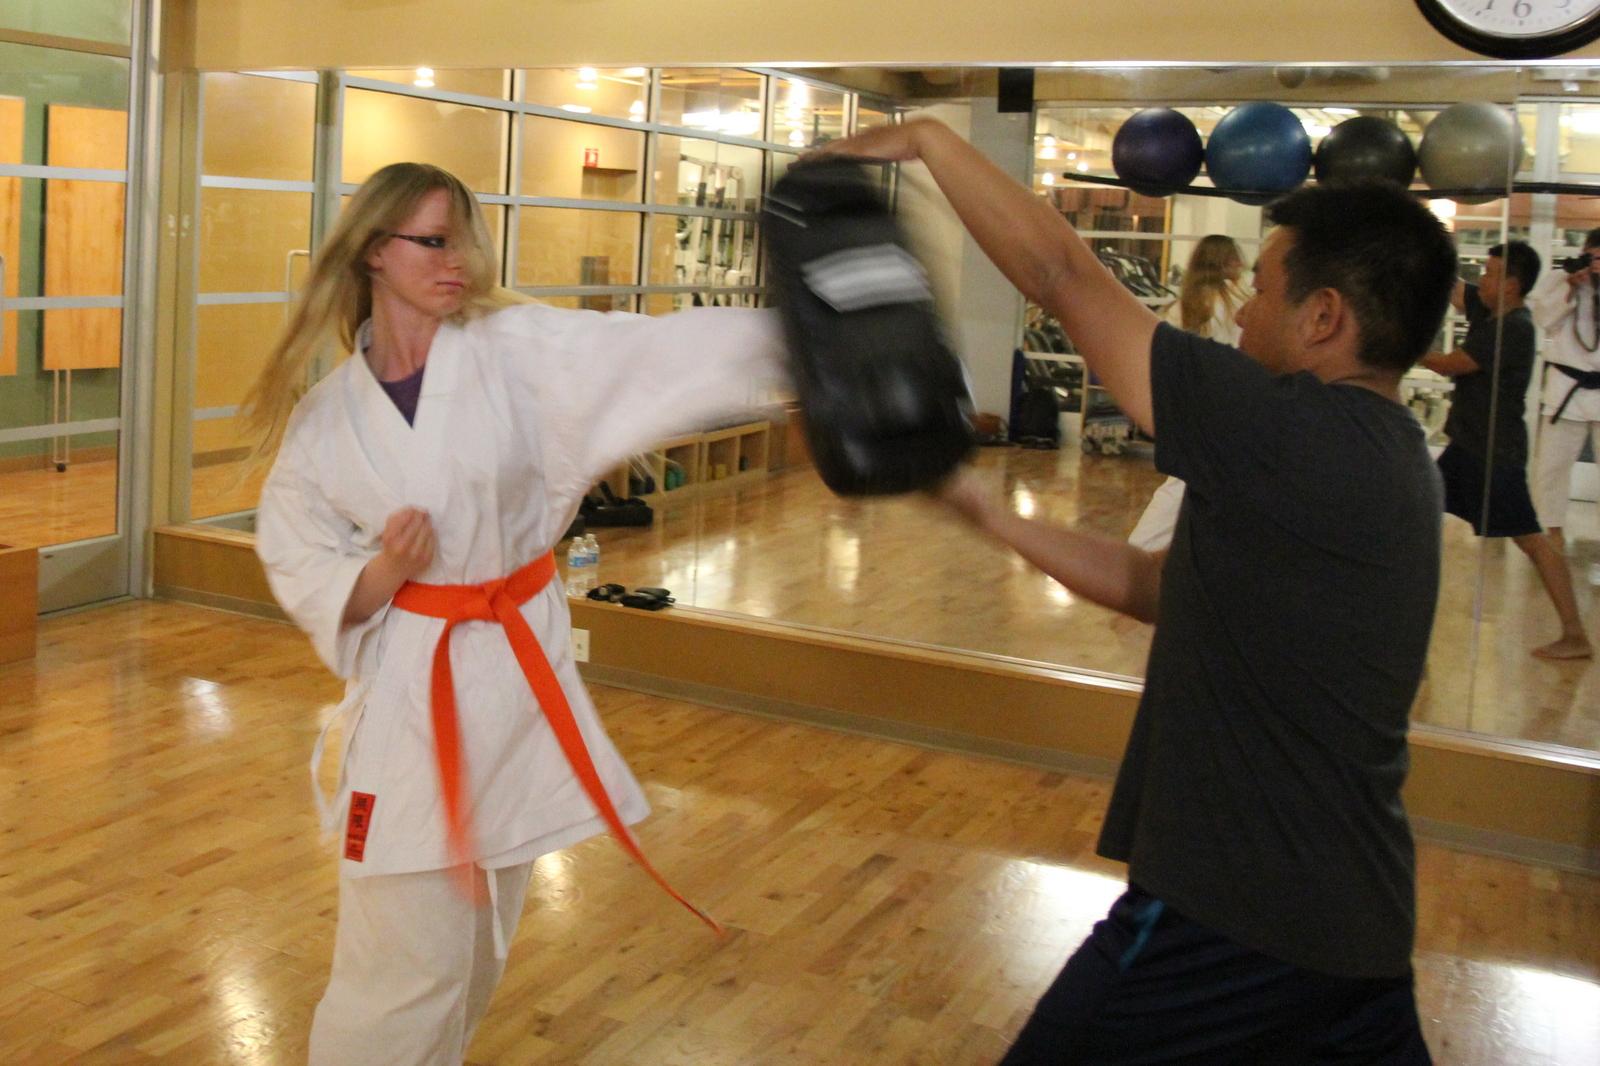 Carotid Sinus Slap / Strike | Full Potential Martial Arts